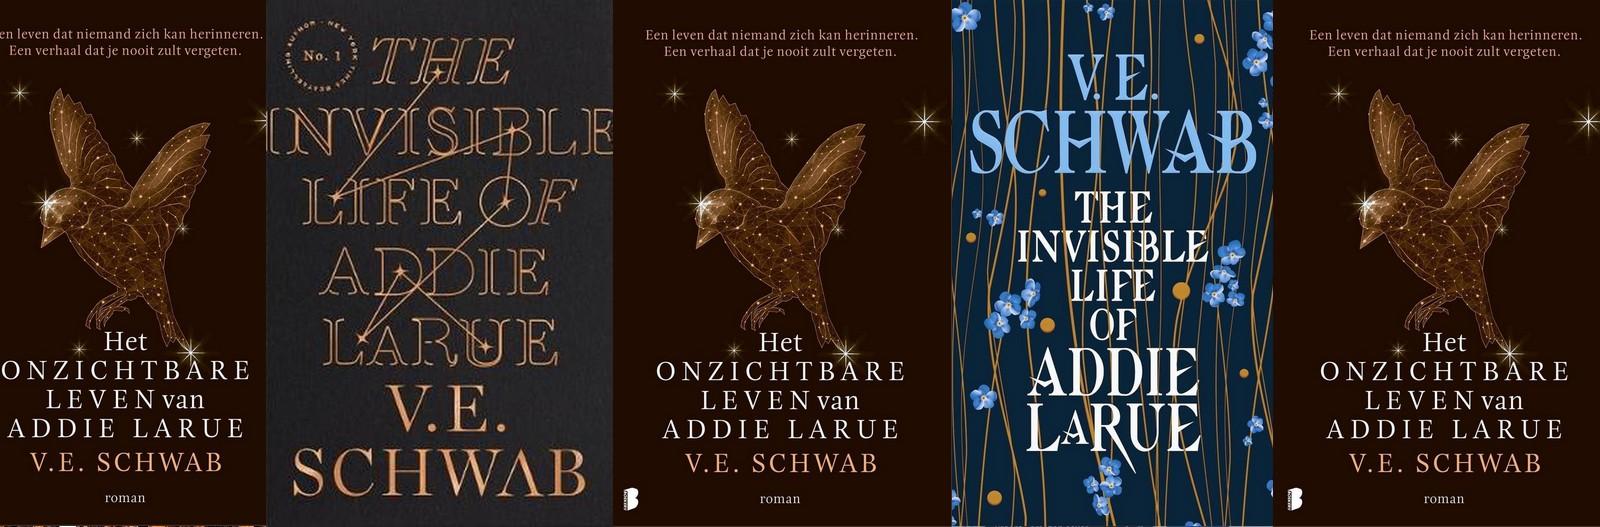 Covers Het onzichtbare leven van Addie Larue